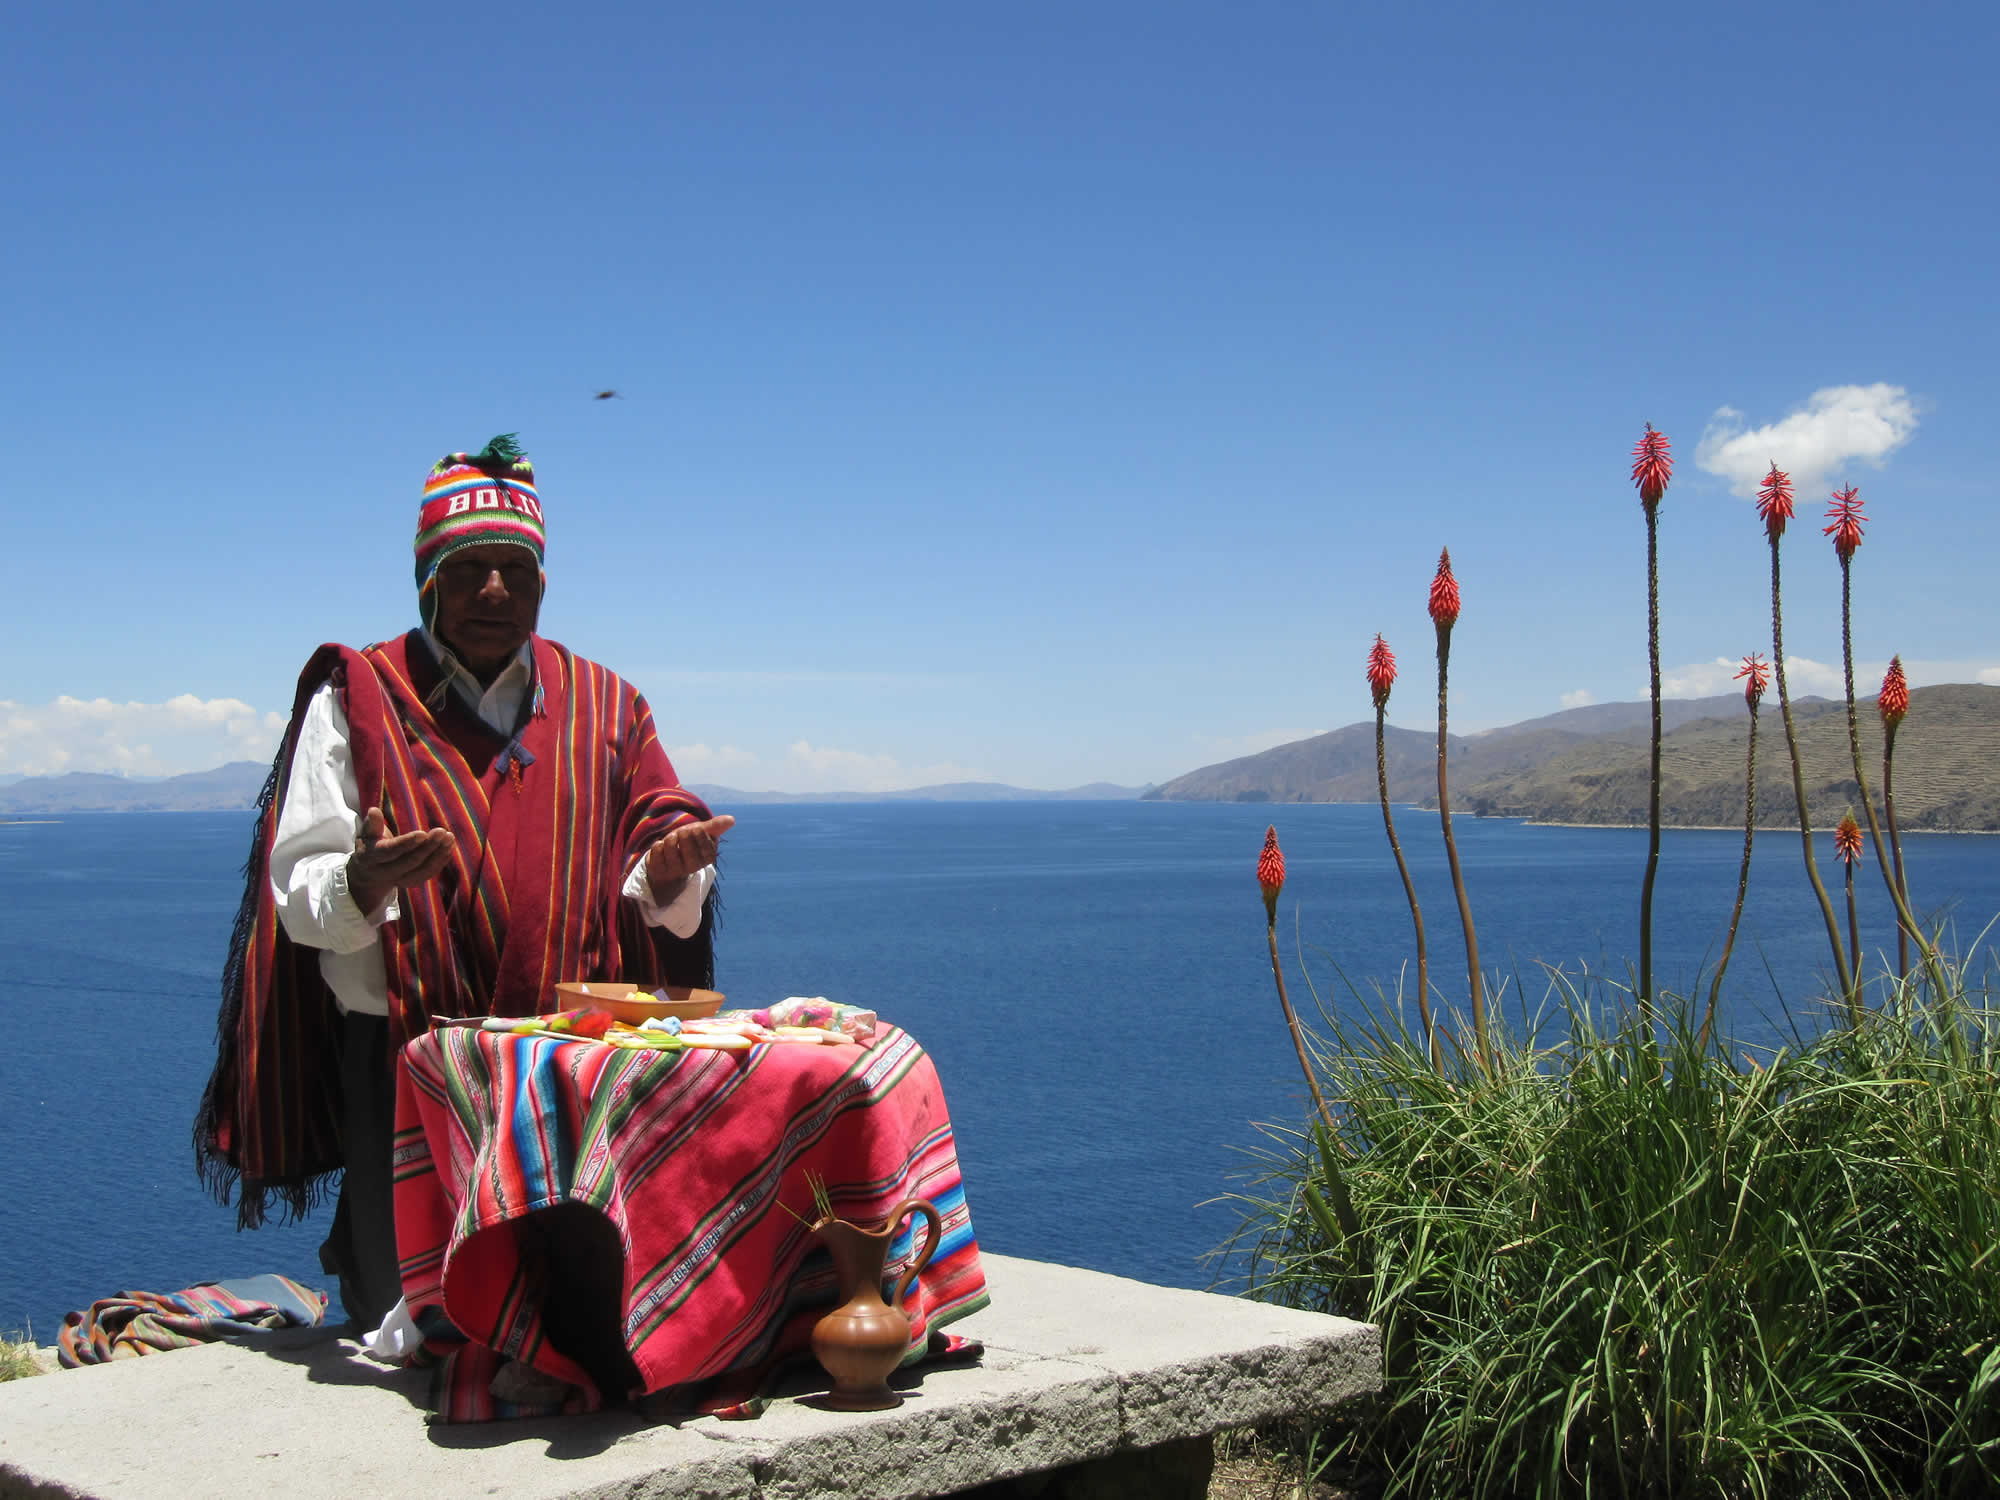 Un itinerario para descubrir Bolivia